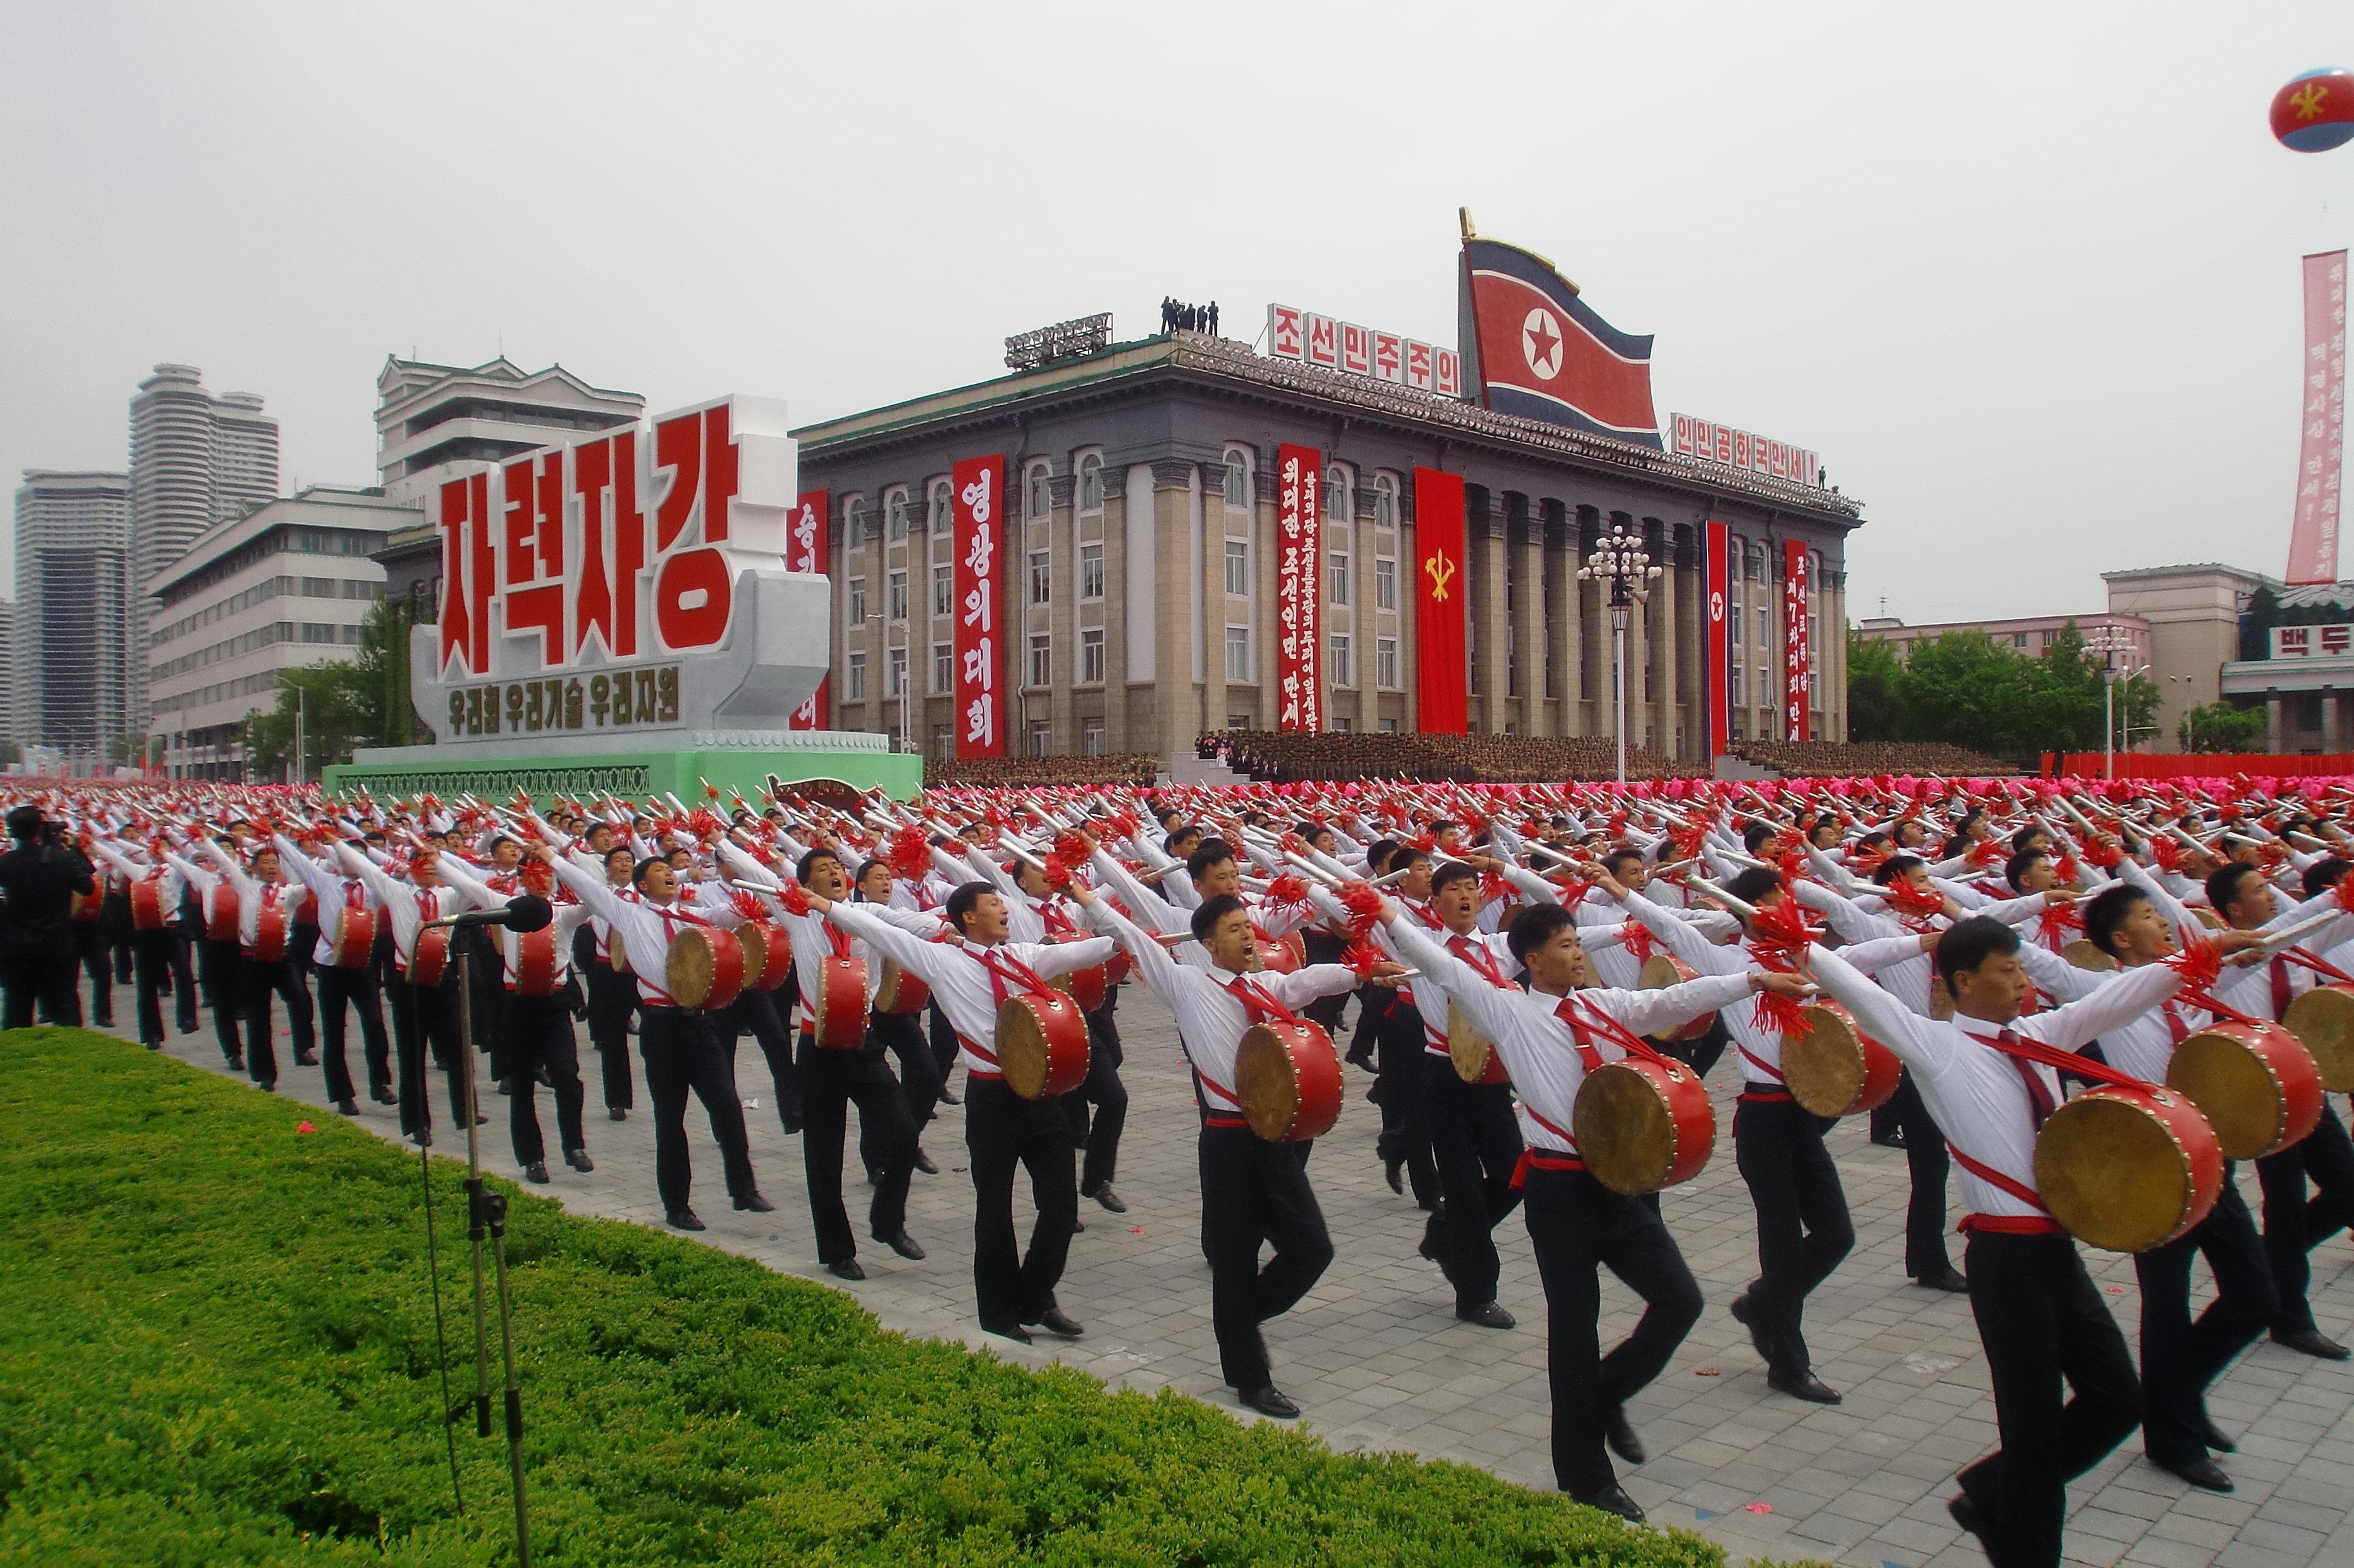 Un corps de musique militaire nord-coréen